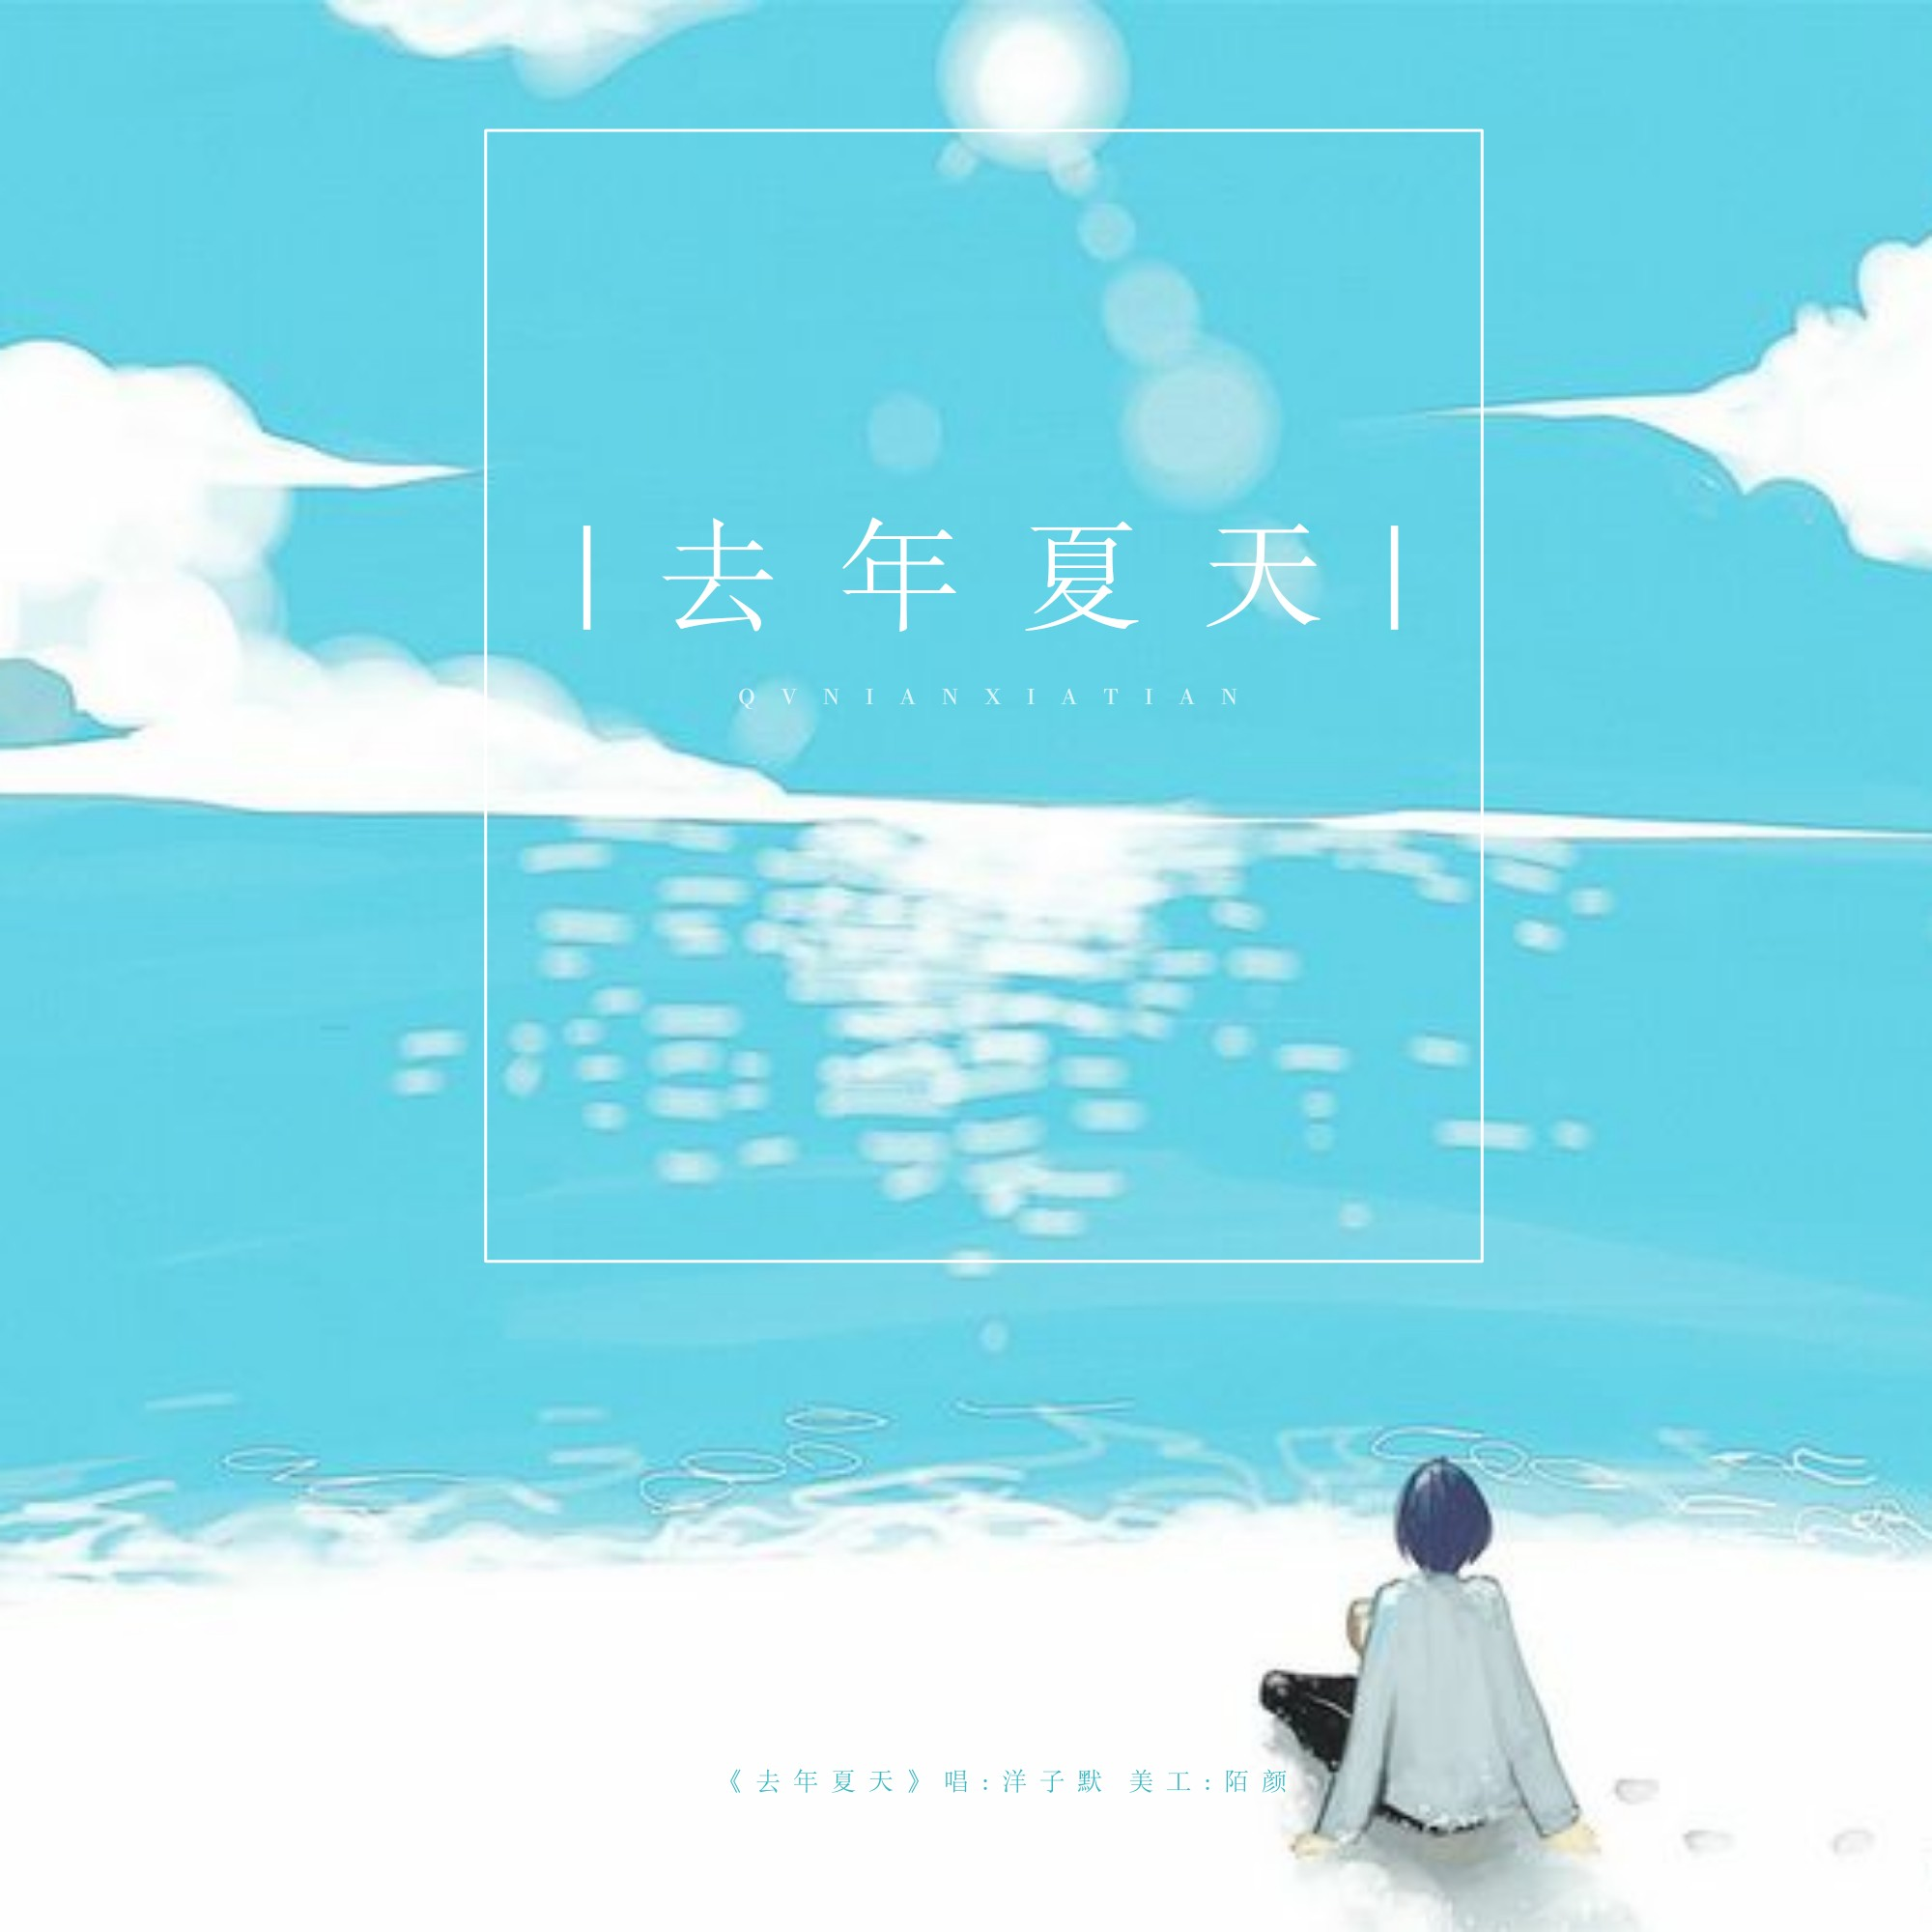 去年夏天 (伴奏)_洋子默_高音质在线试听_去年